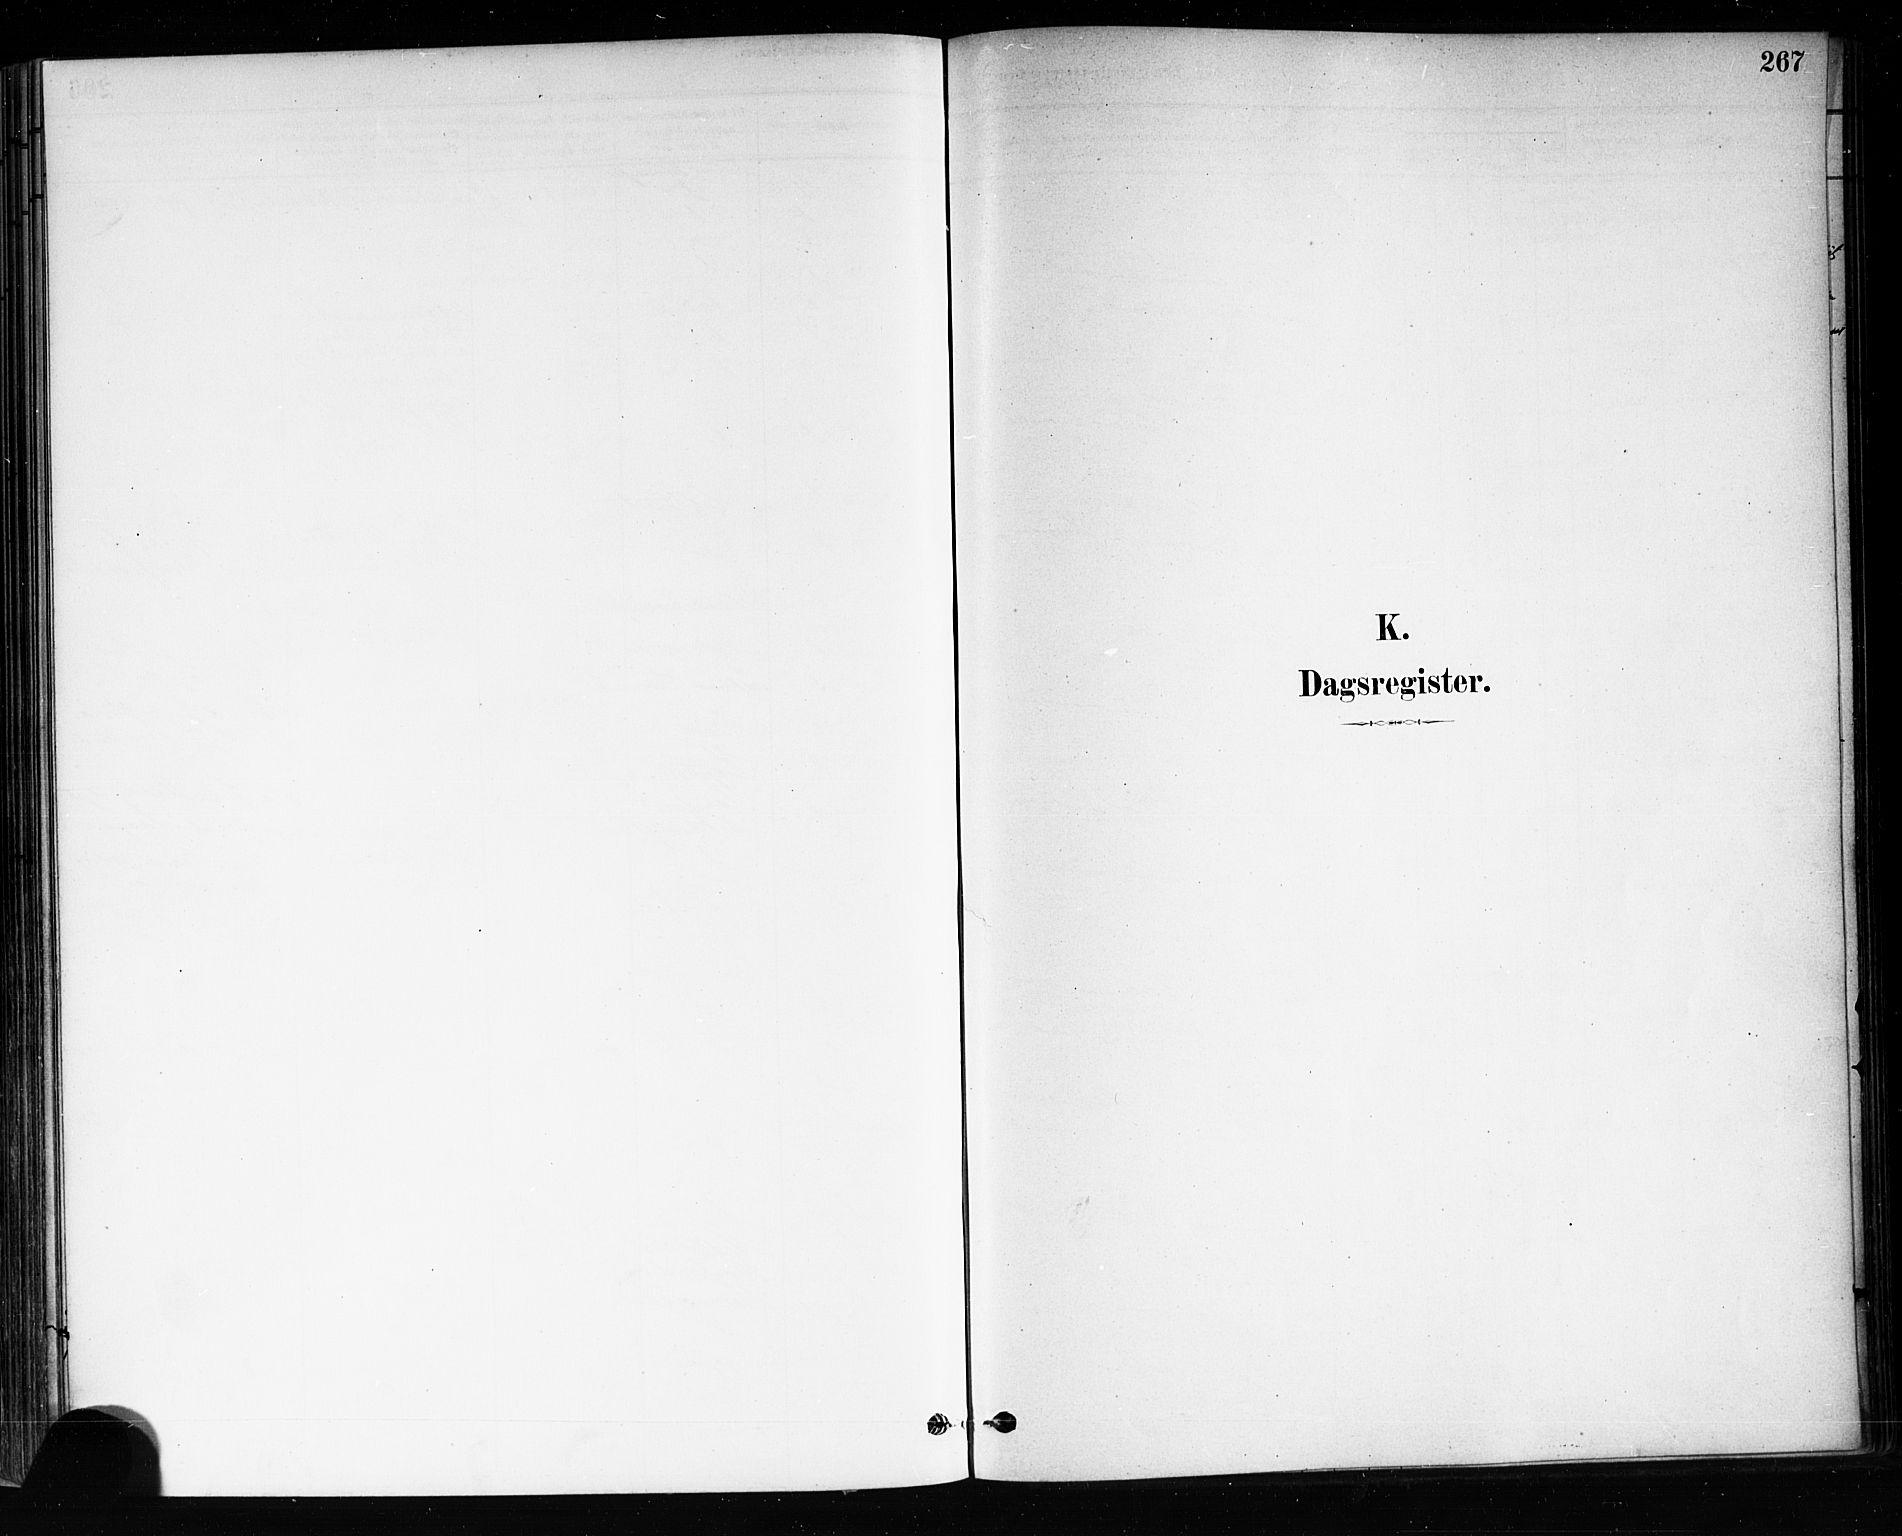 SAKO, Brevik kirkebøker, F/Fa/L0007: Ministerialbok nr. 7, 1882-1900, s. 267